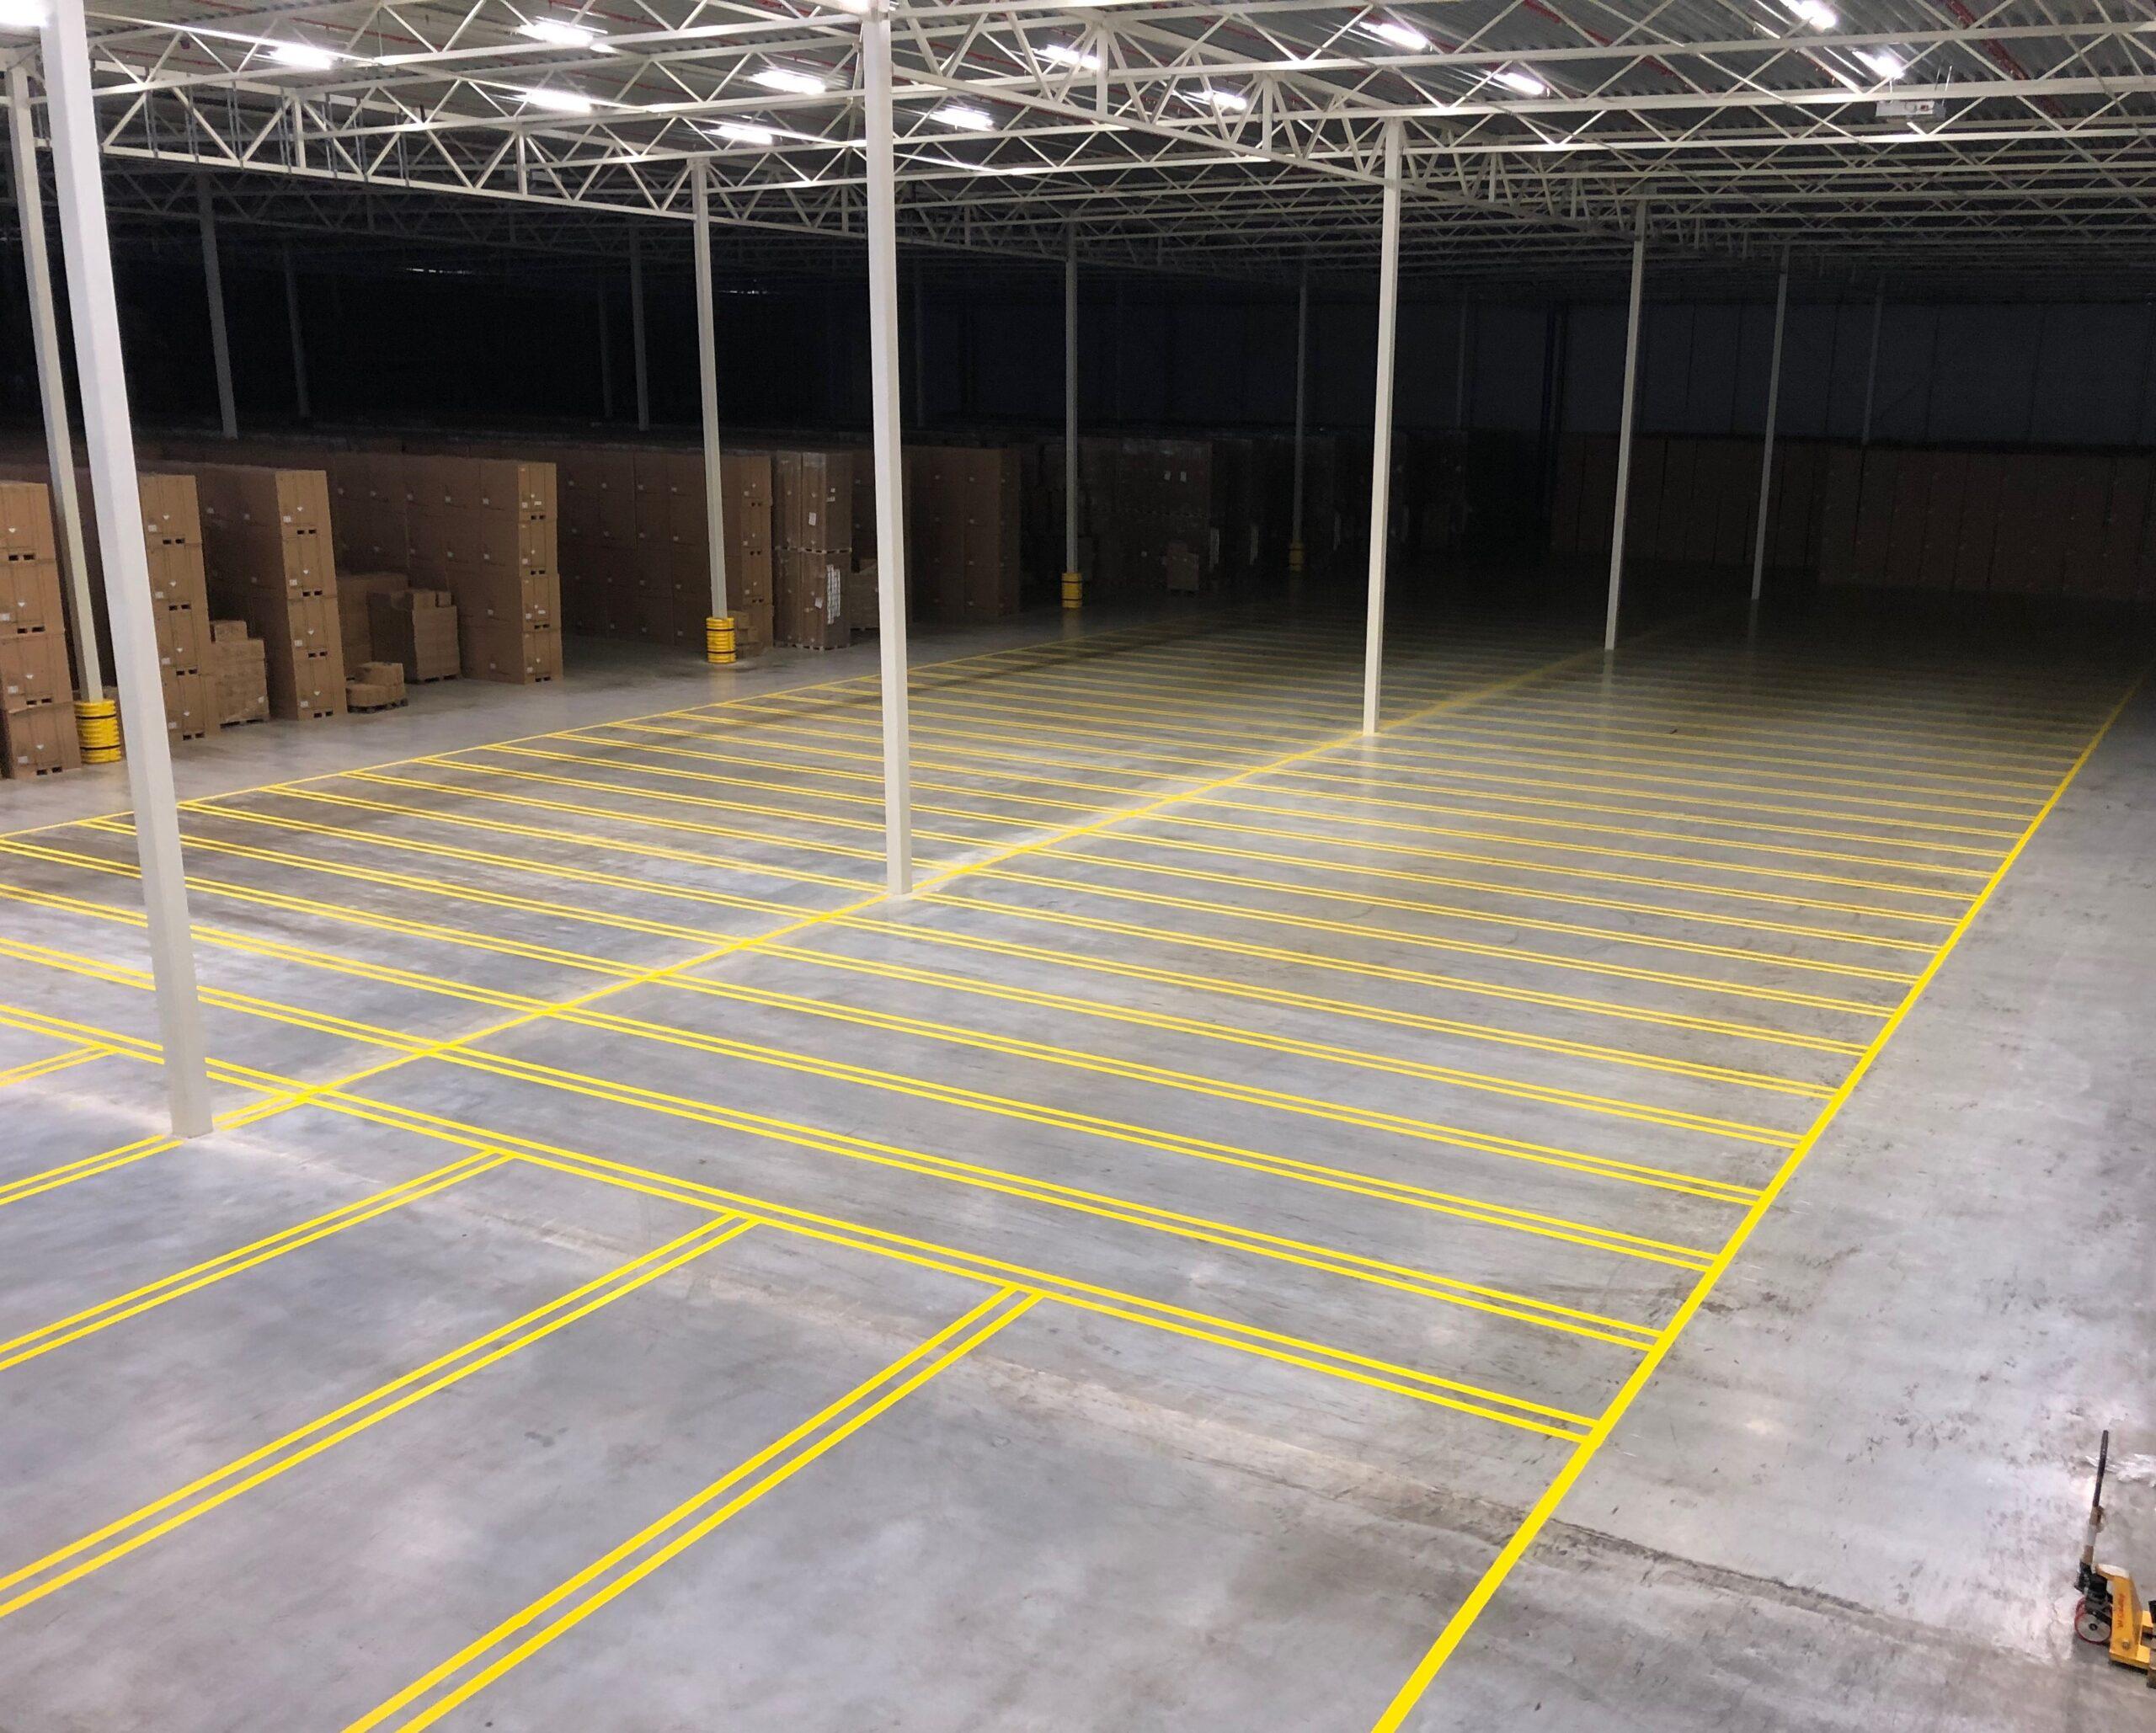 vloerbelijning magazijn distributiecentrum parkeergarage